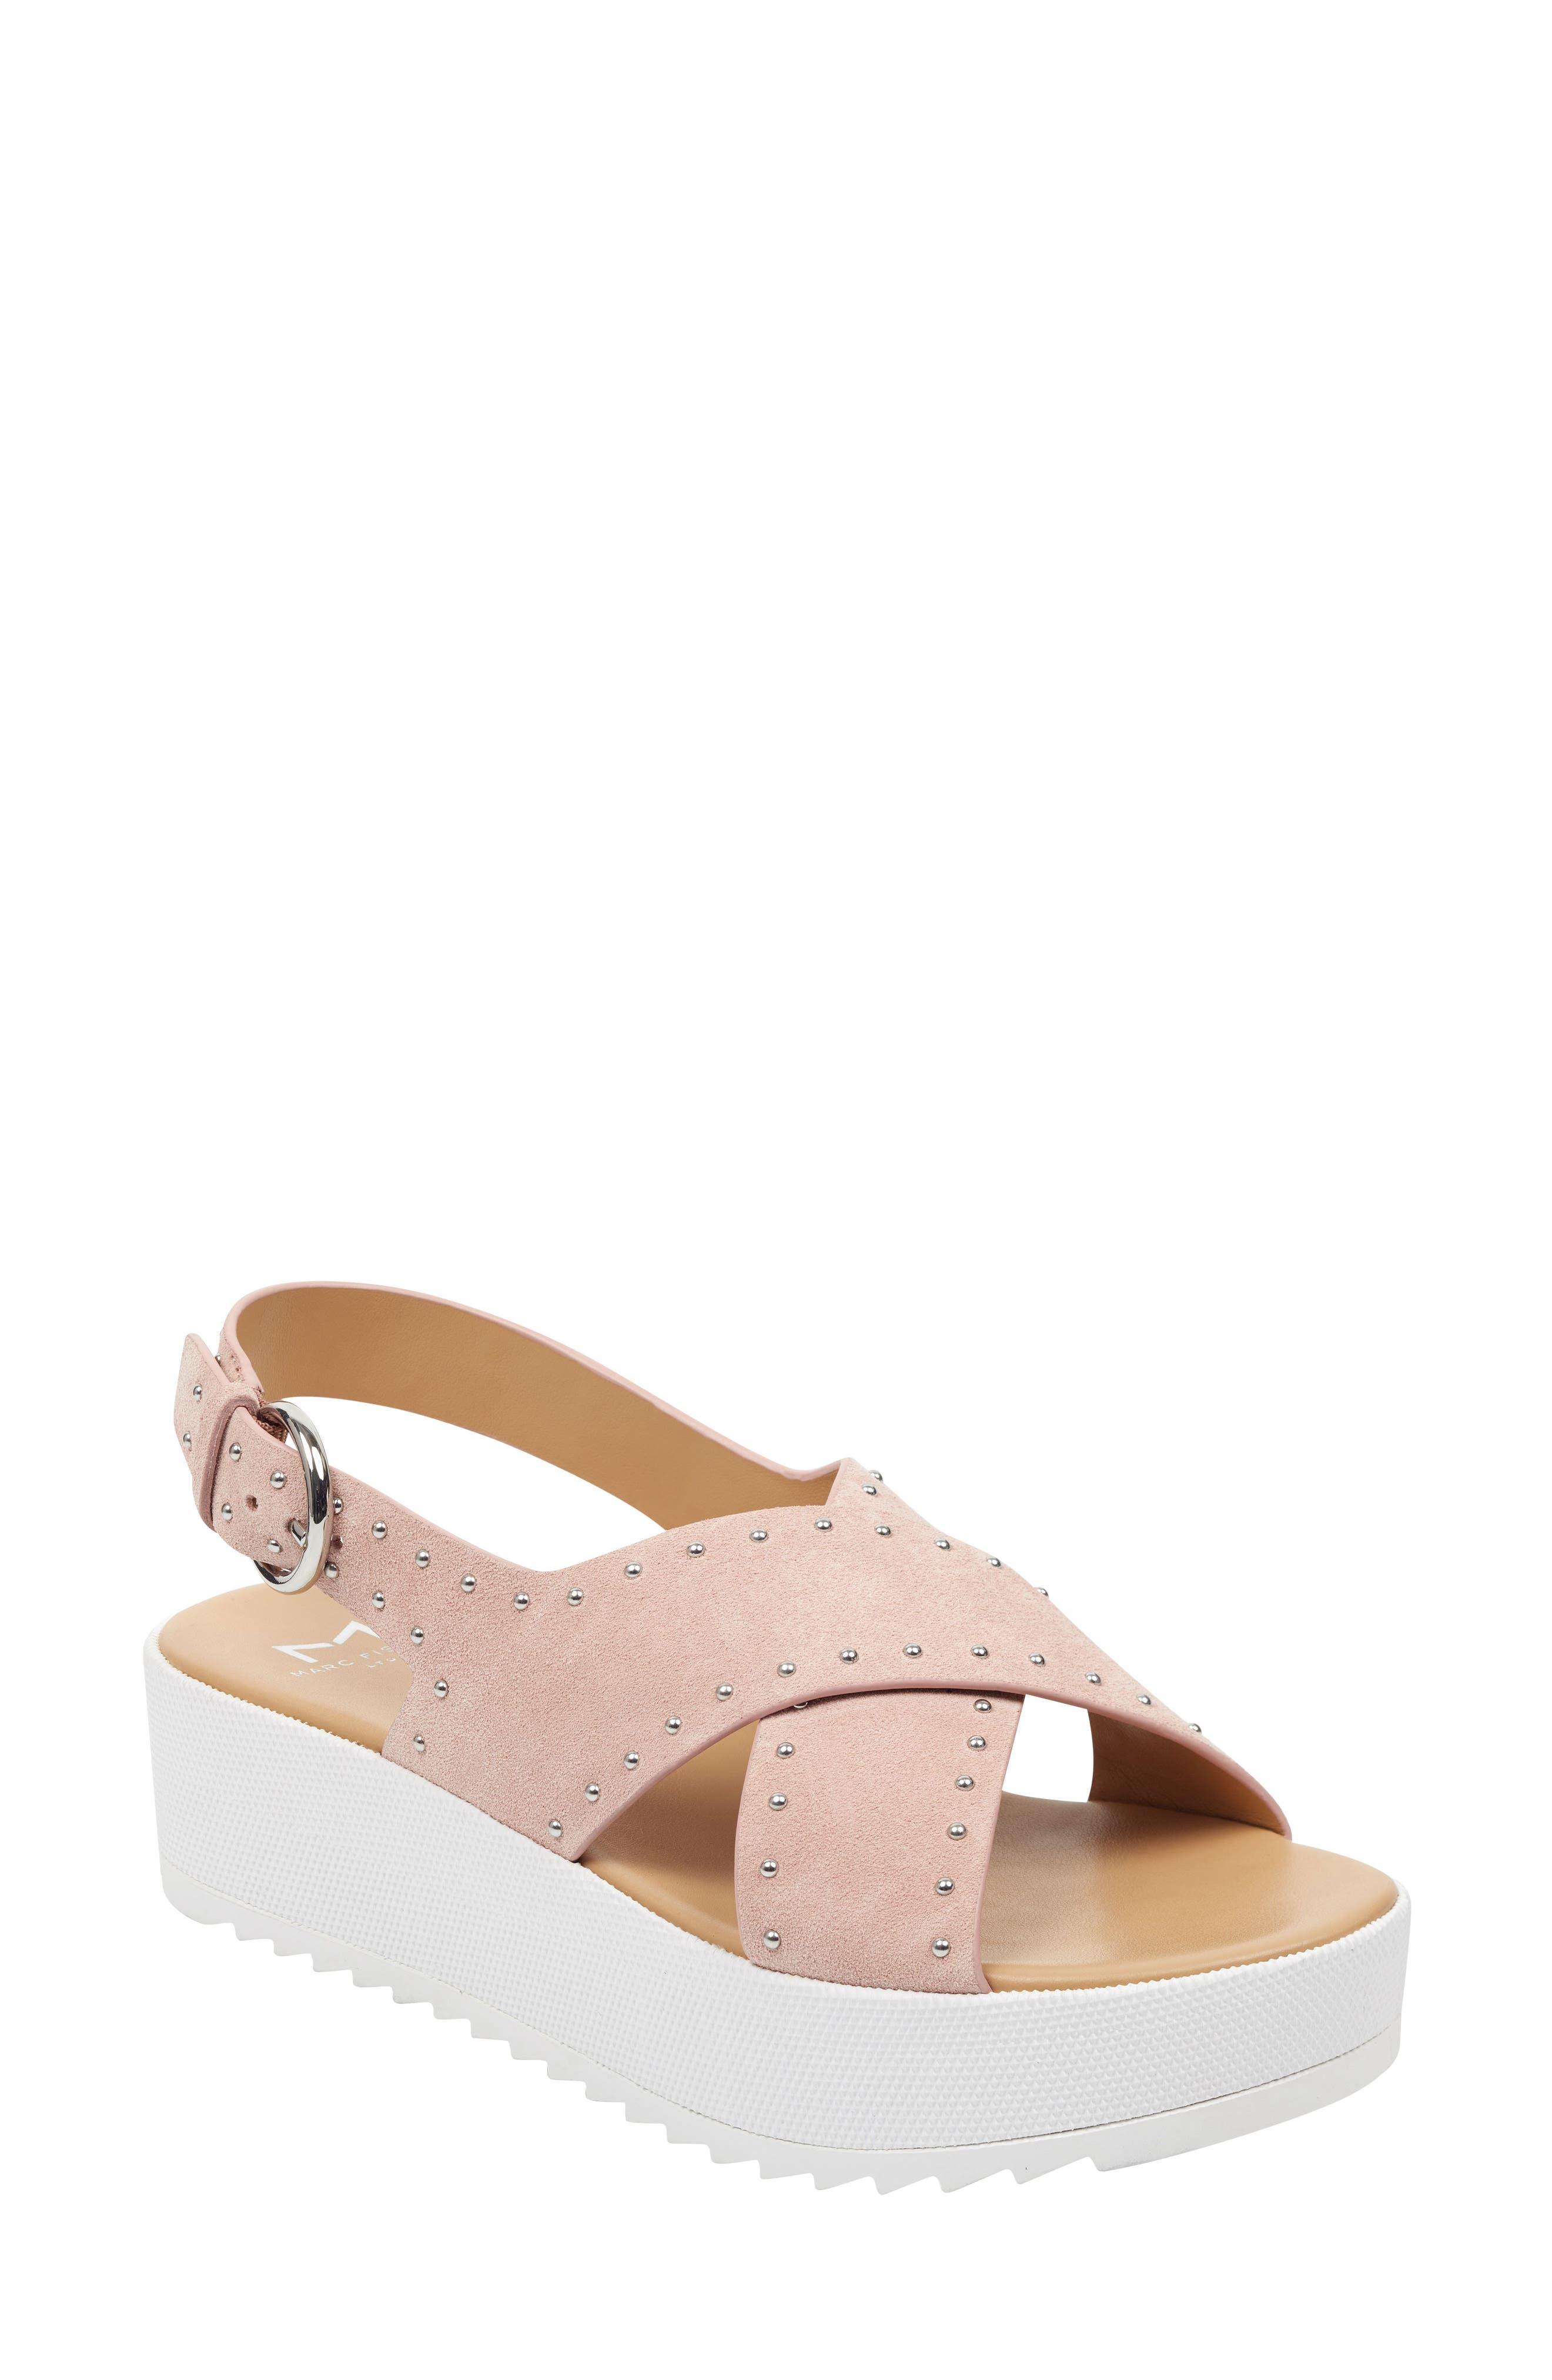 Marc Fisher Ltd Delilah Slingback Sandal, Pink